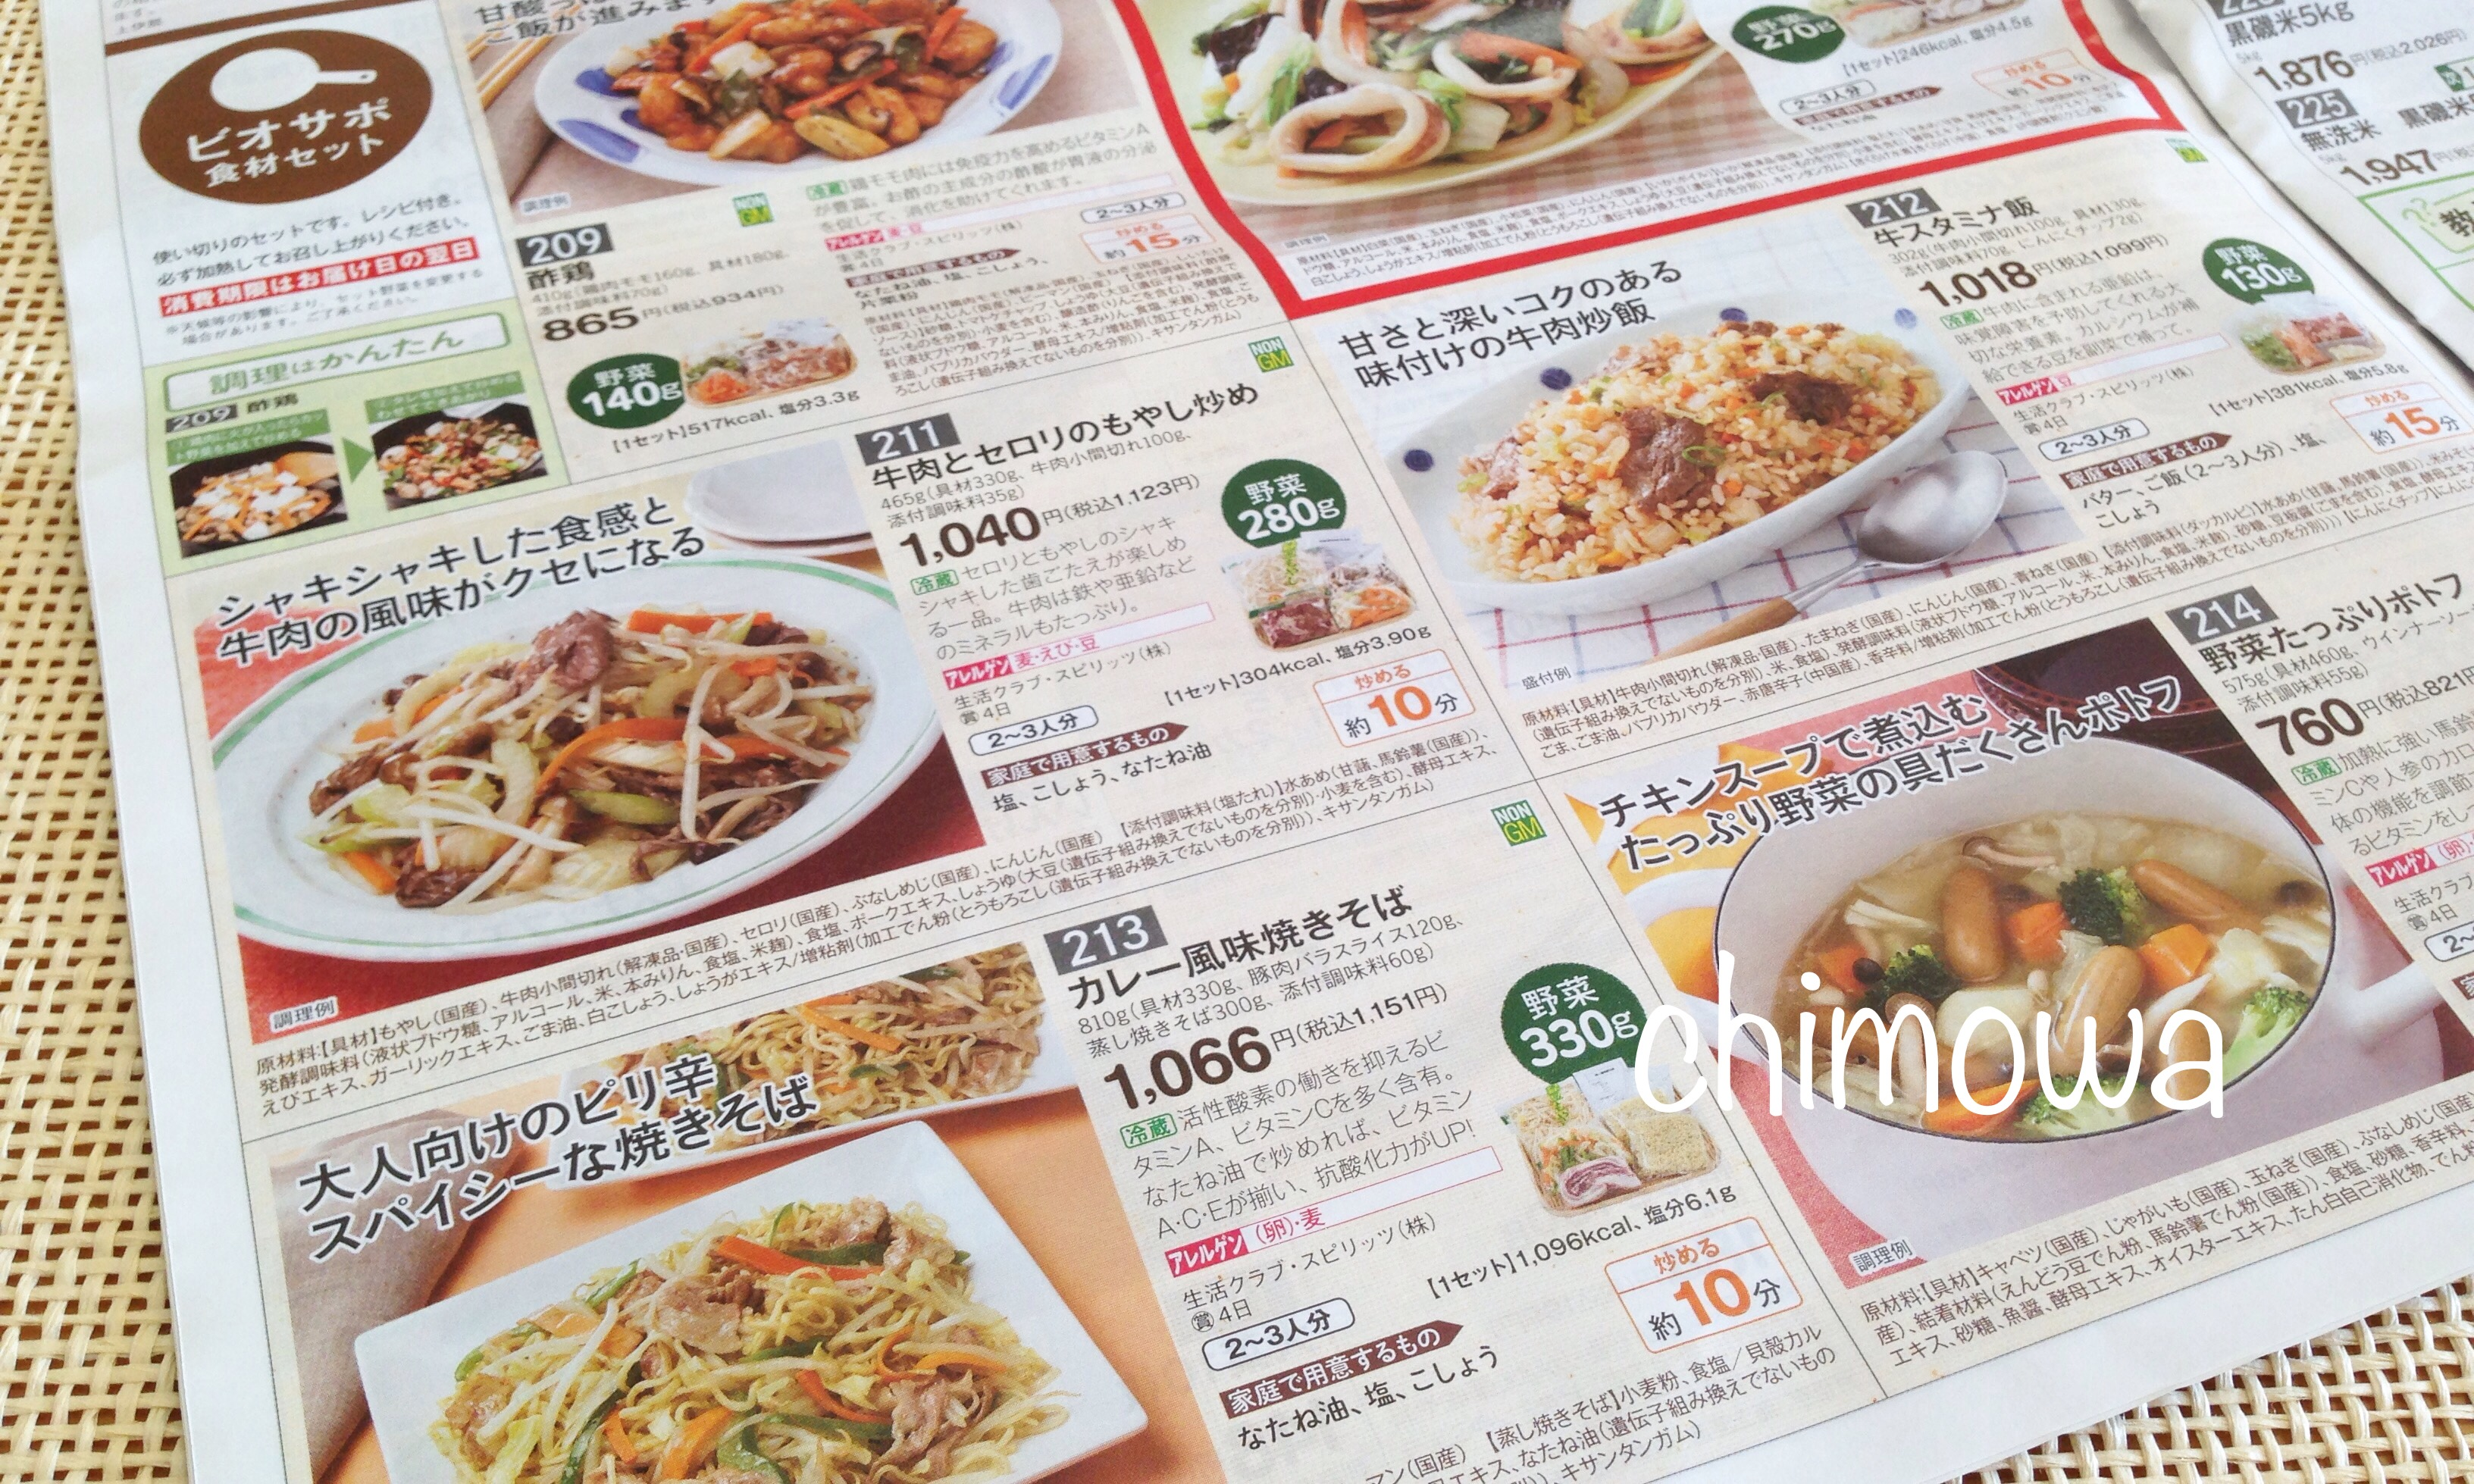 生活クラブ カタログのビオサポ食材セットの写真